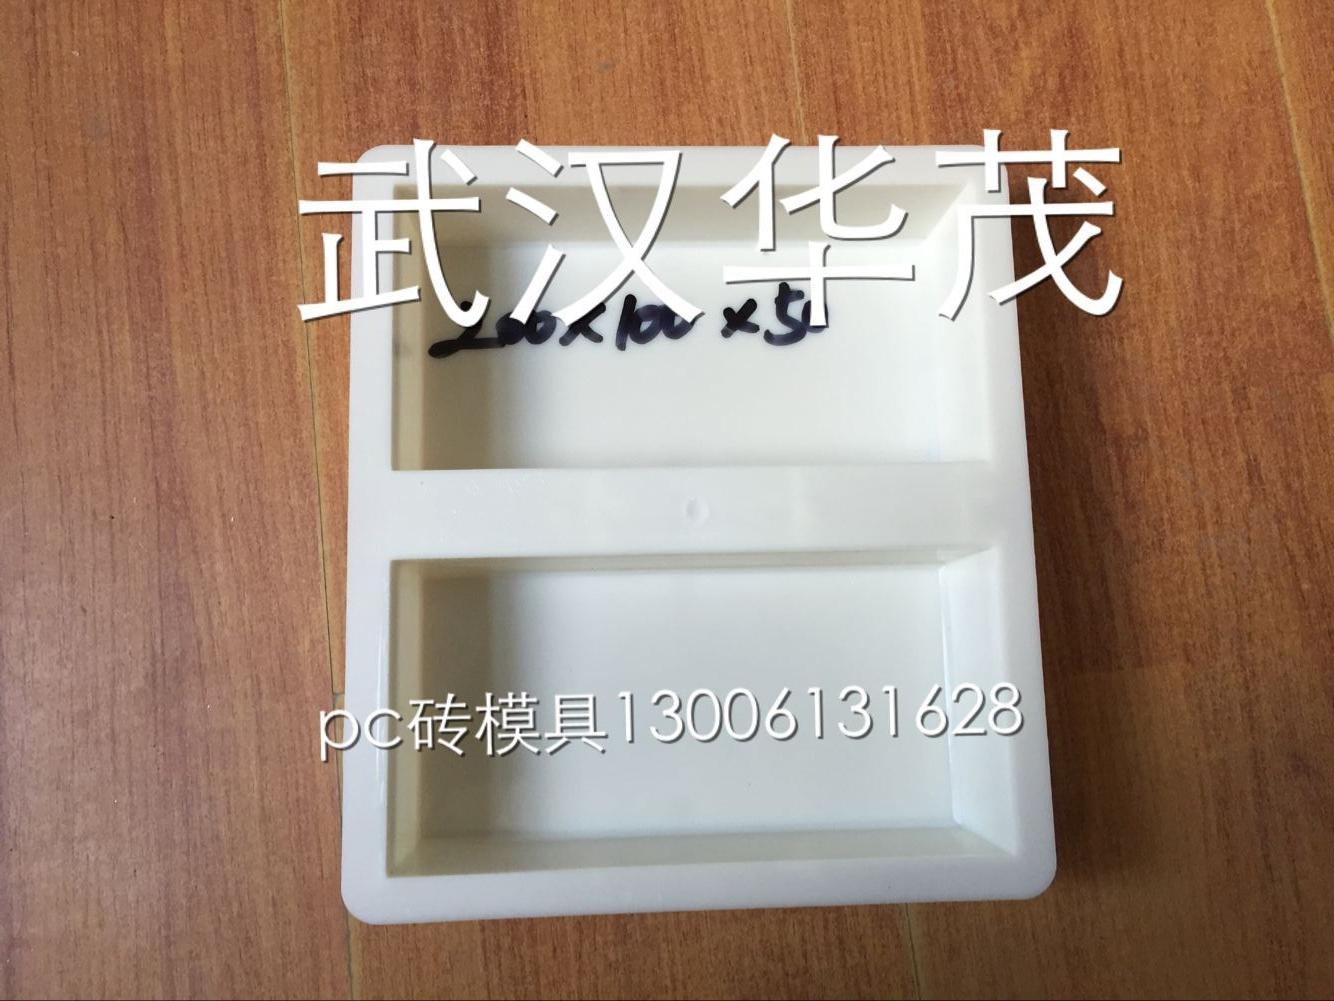 供应湖北彩砖塑料模具哪里有卖-湖北彩砖塑料模具供应商